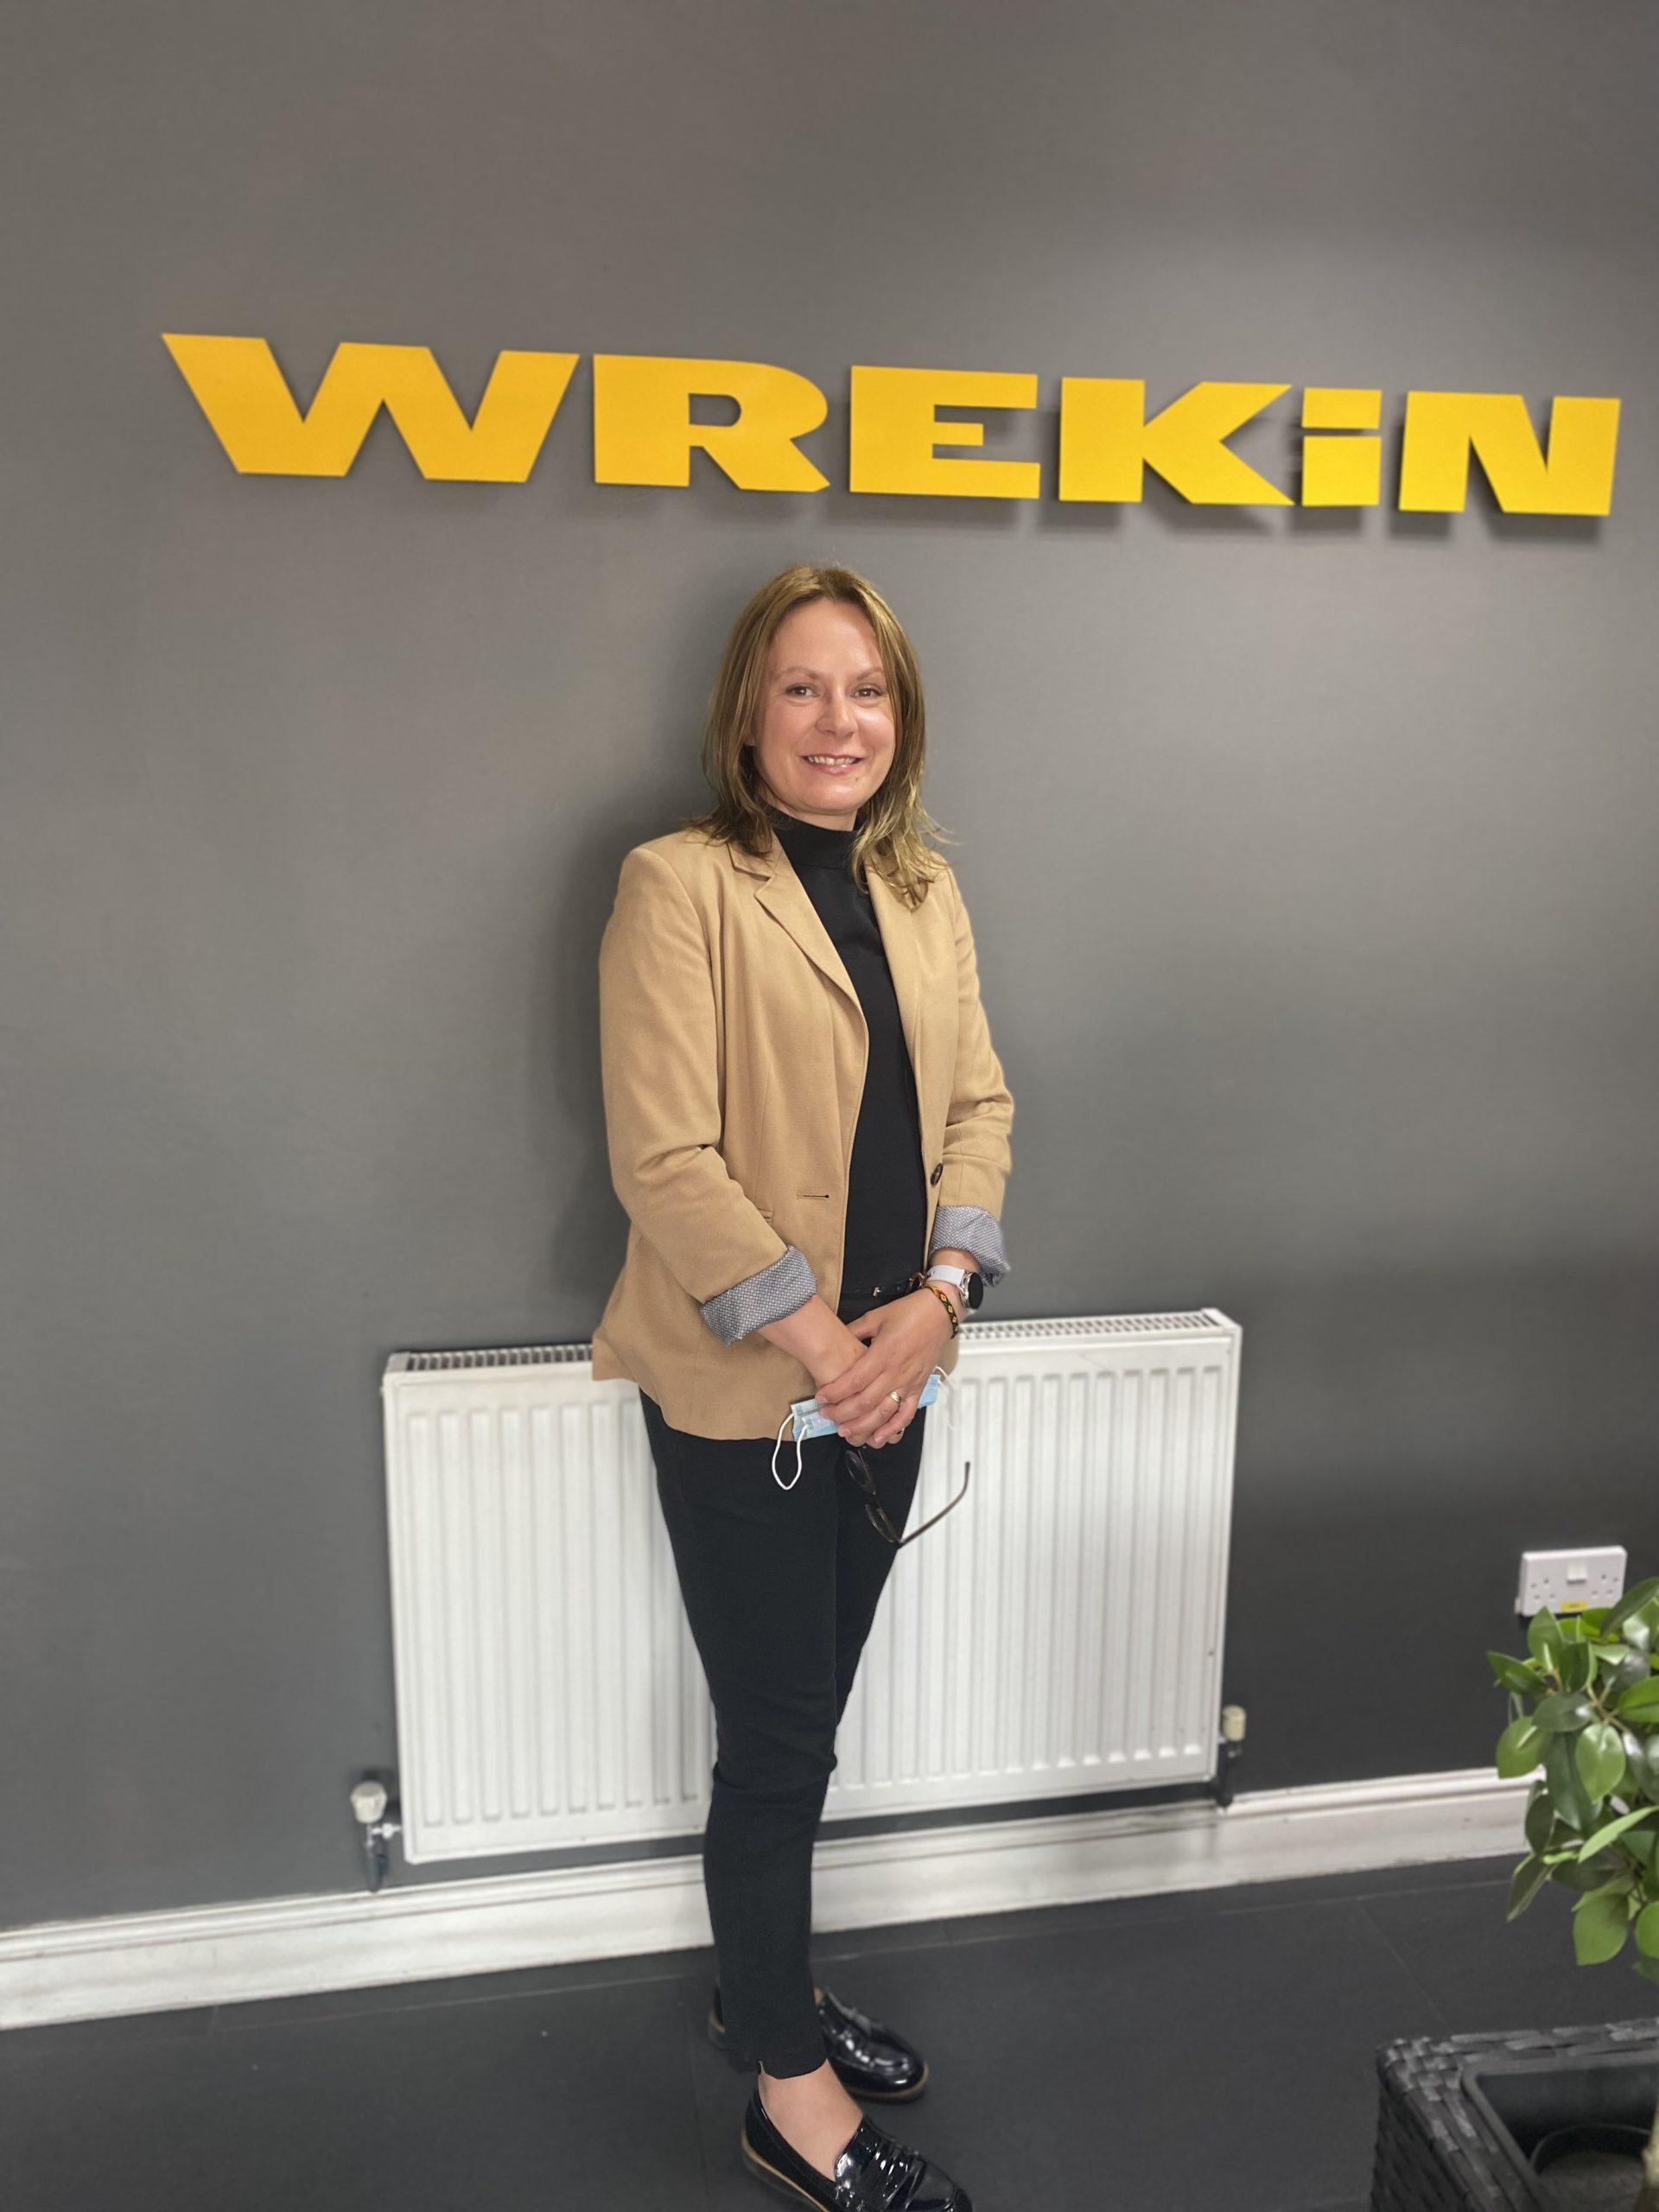 Wrekin Products Gosia Kwapisz